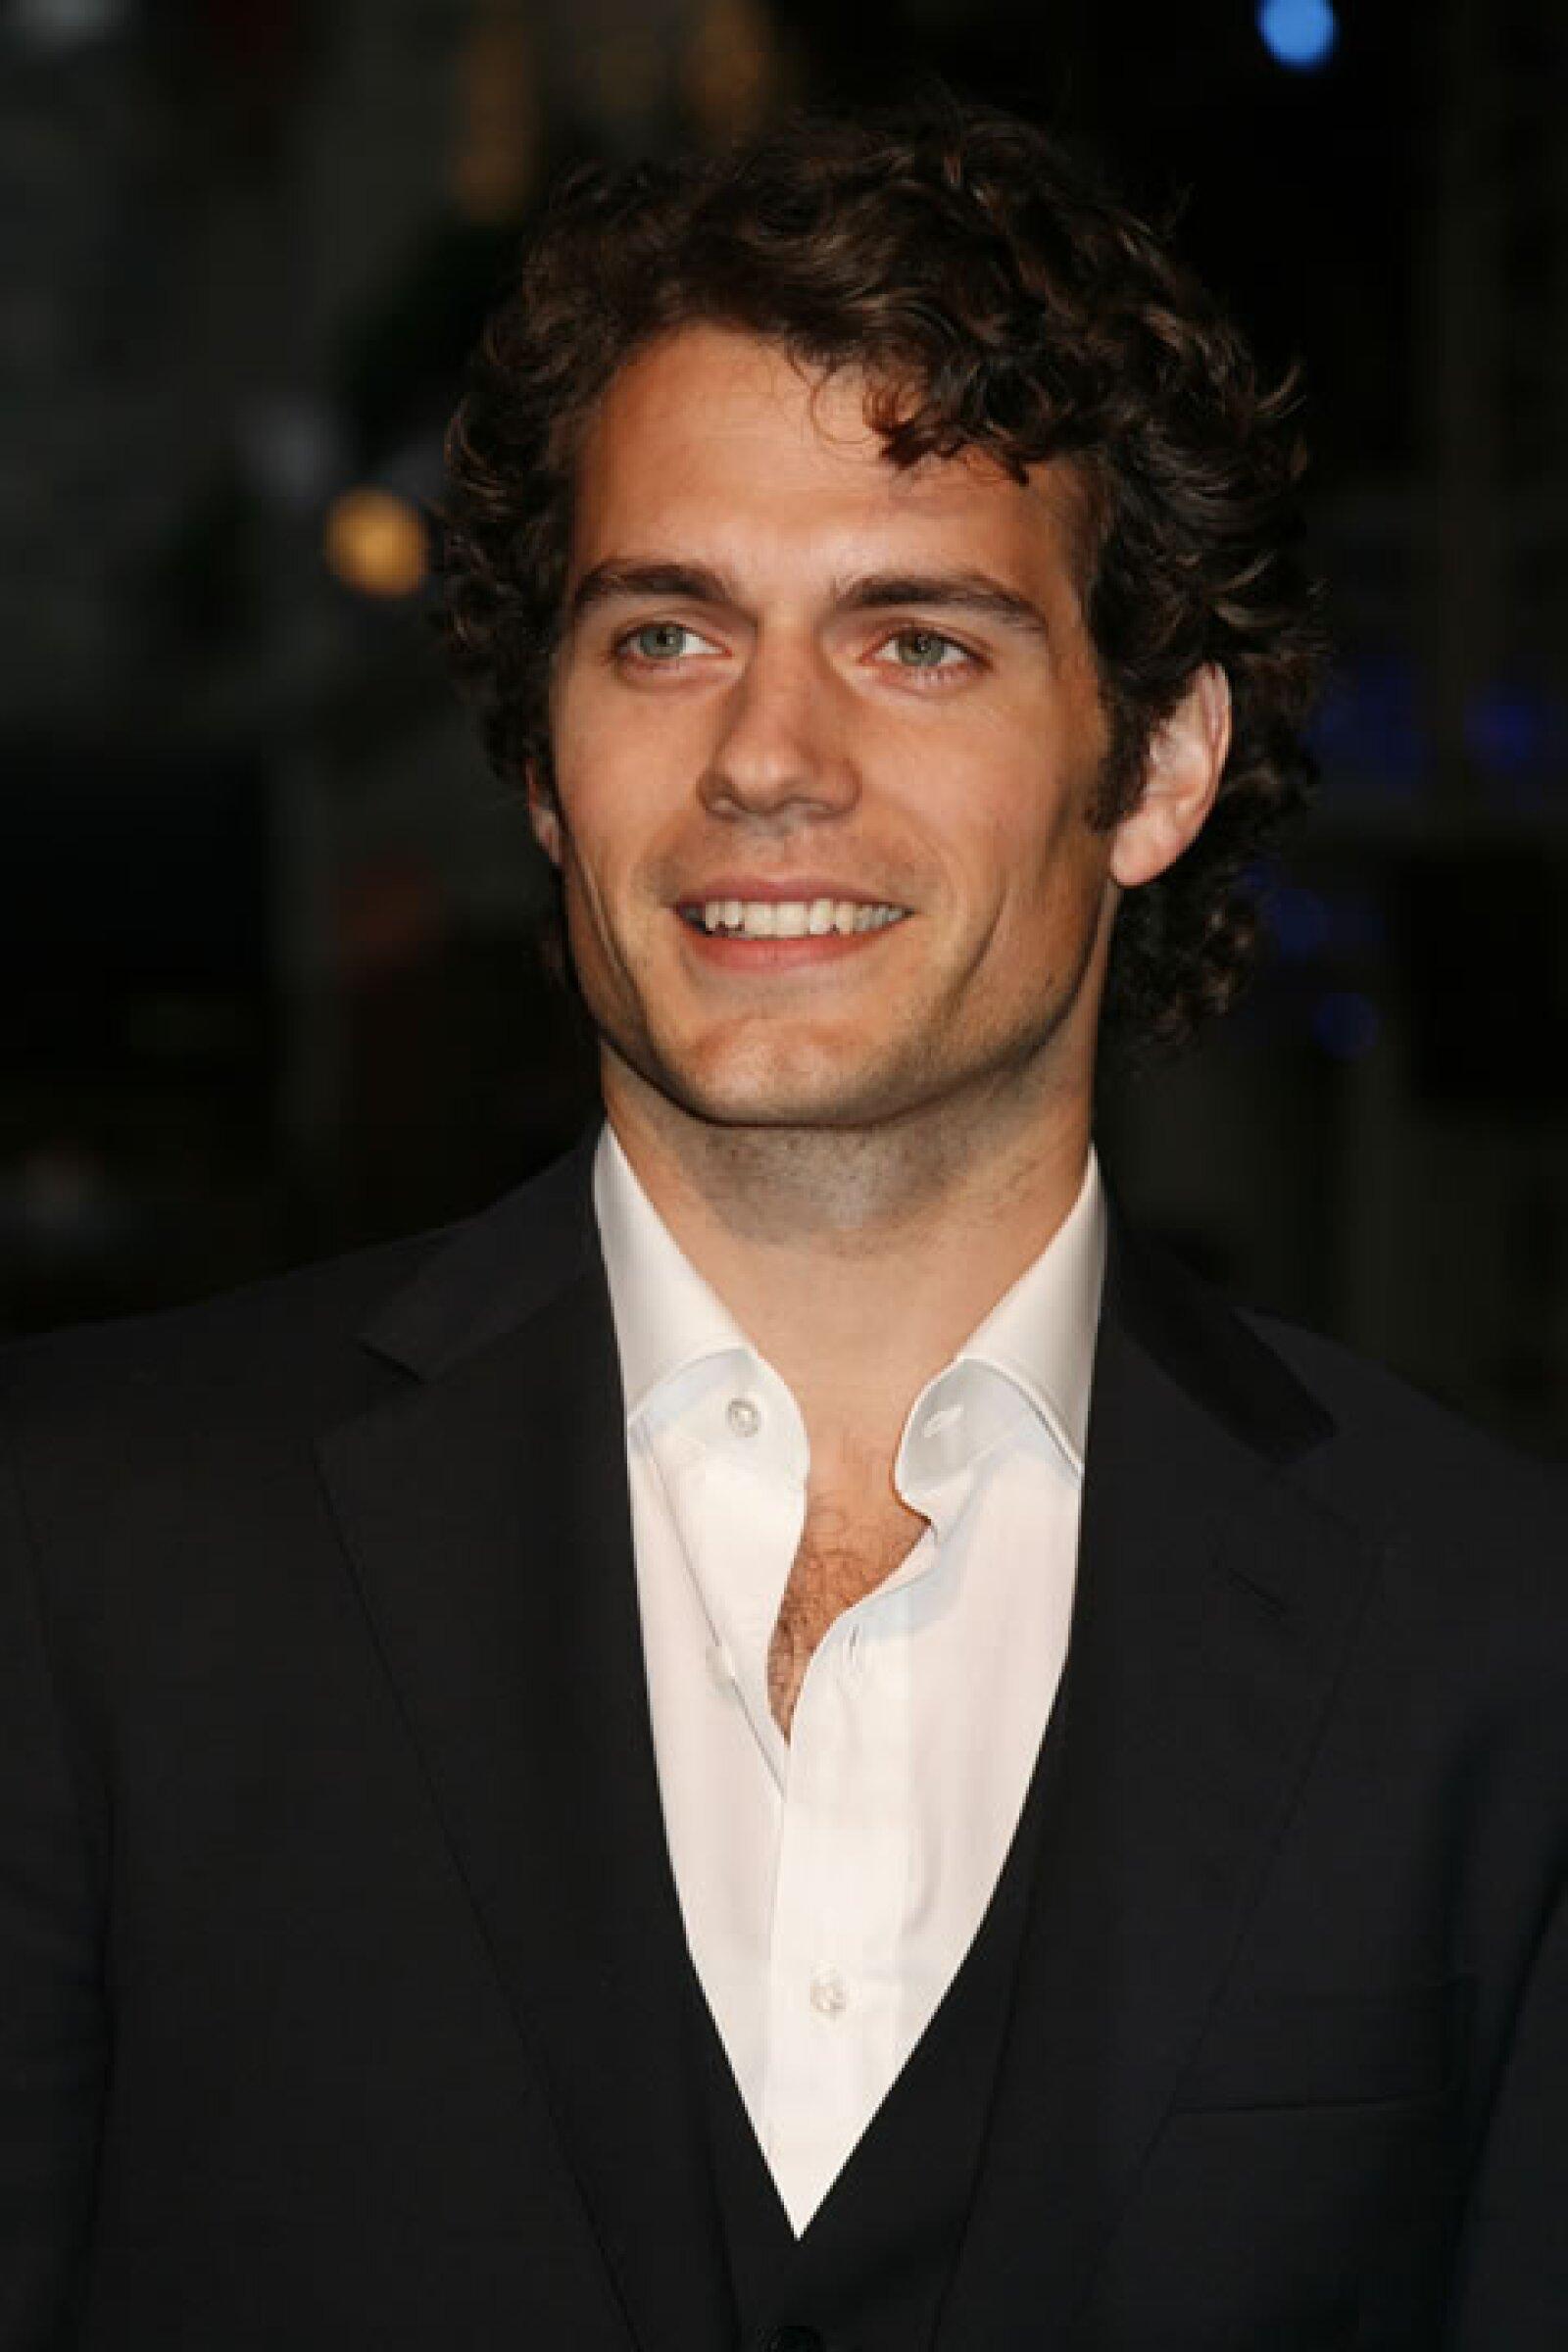 """Lo inicios de Cavill comenzaron en 2001 con la película """"Laguna""""."""